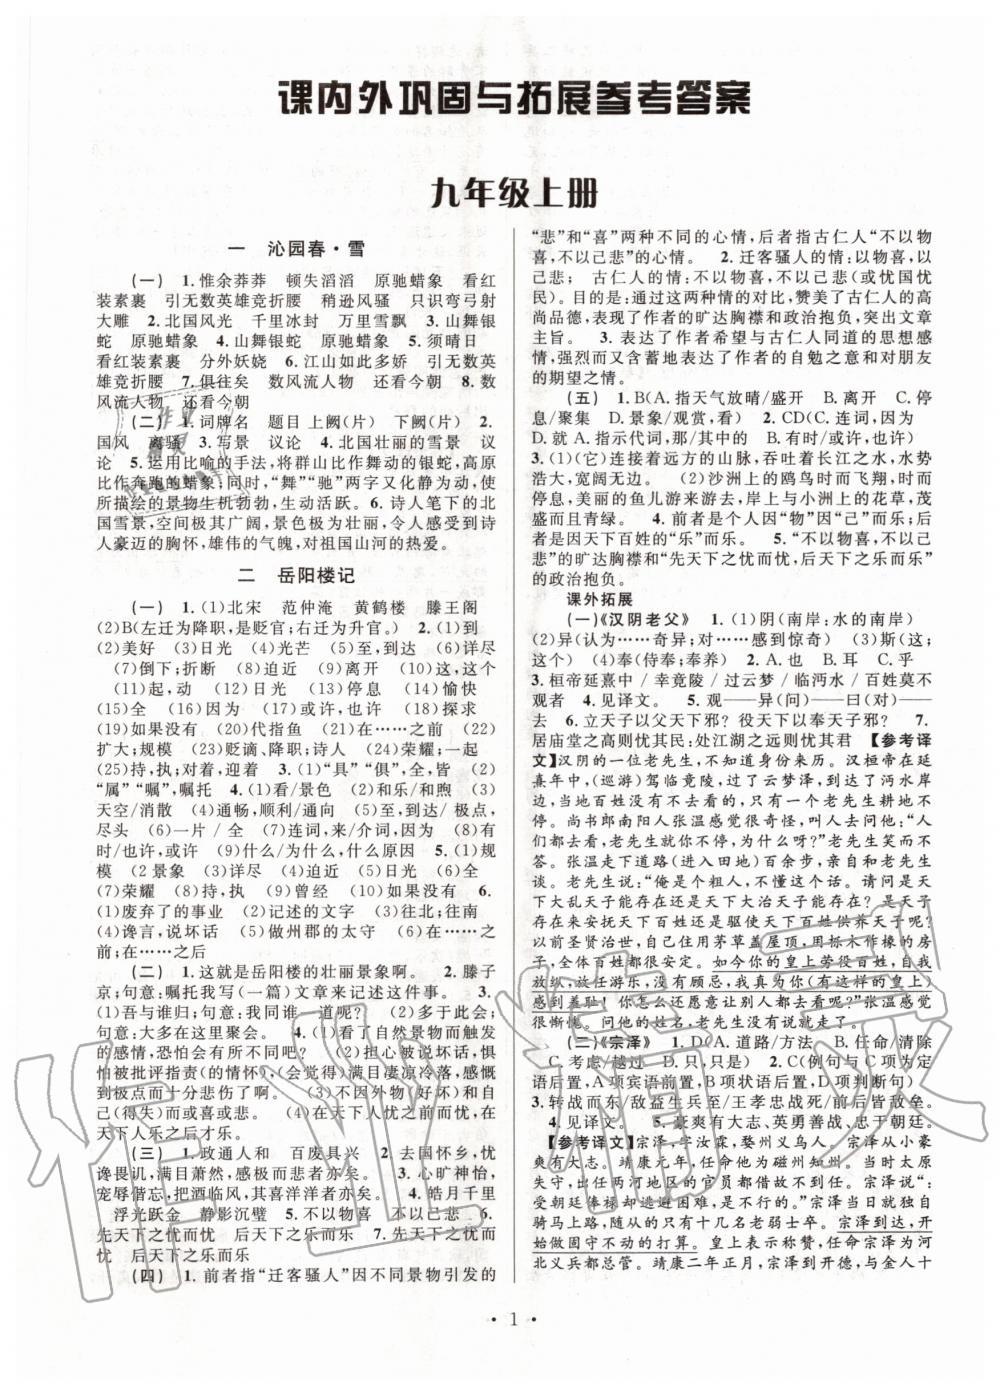 2020年初中文言文课内外巩固与拓展九年级人教版第1页